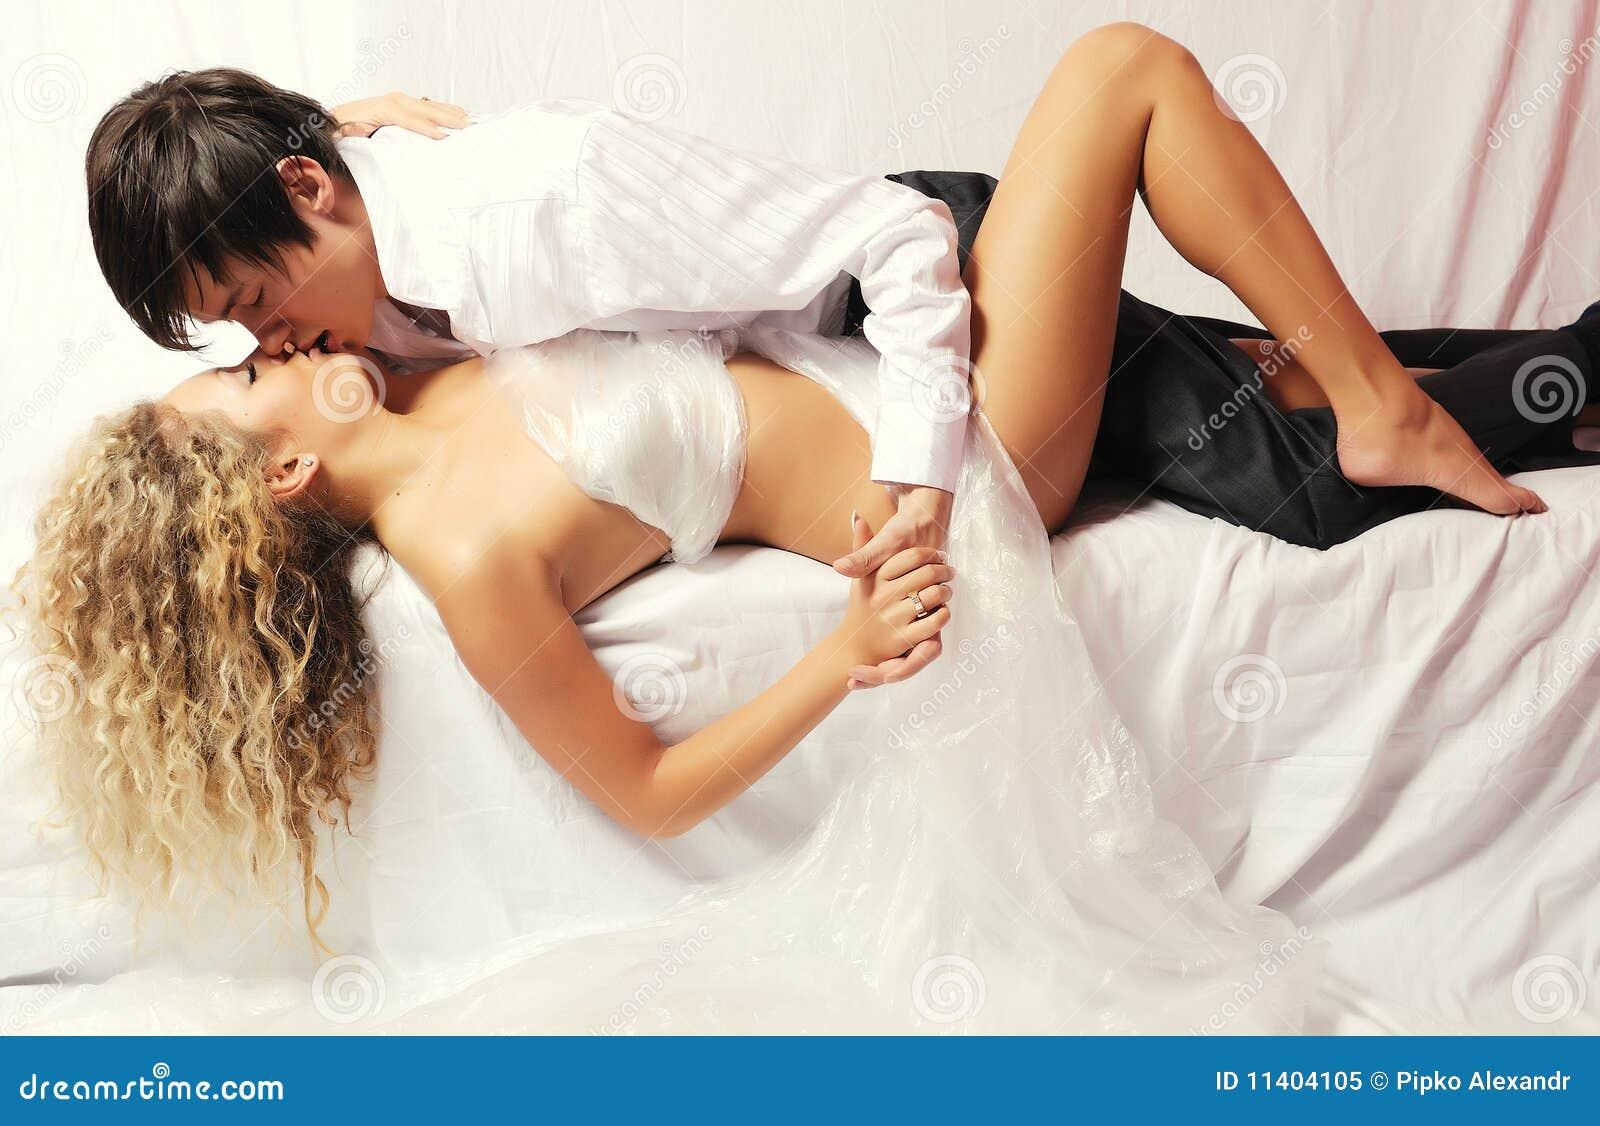 Секс ночной молодожены бритую китаянку большие